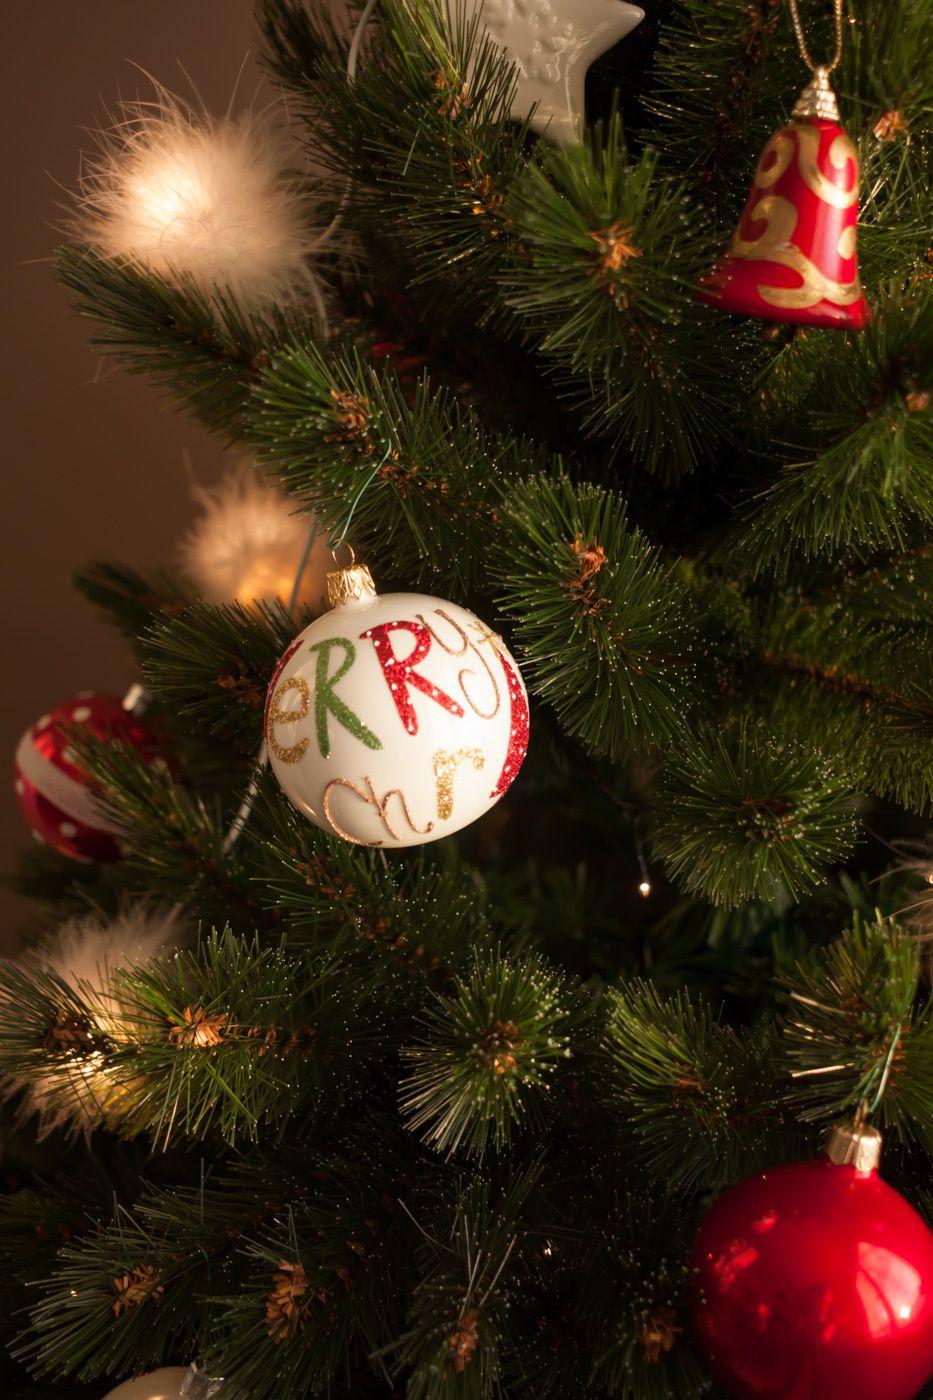 Décembre - 15 jours avant Noël